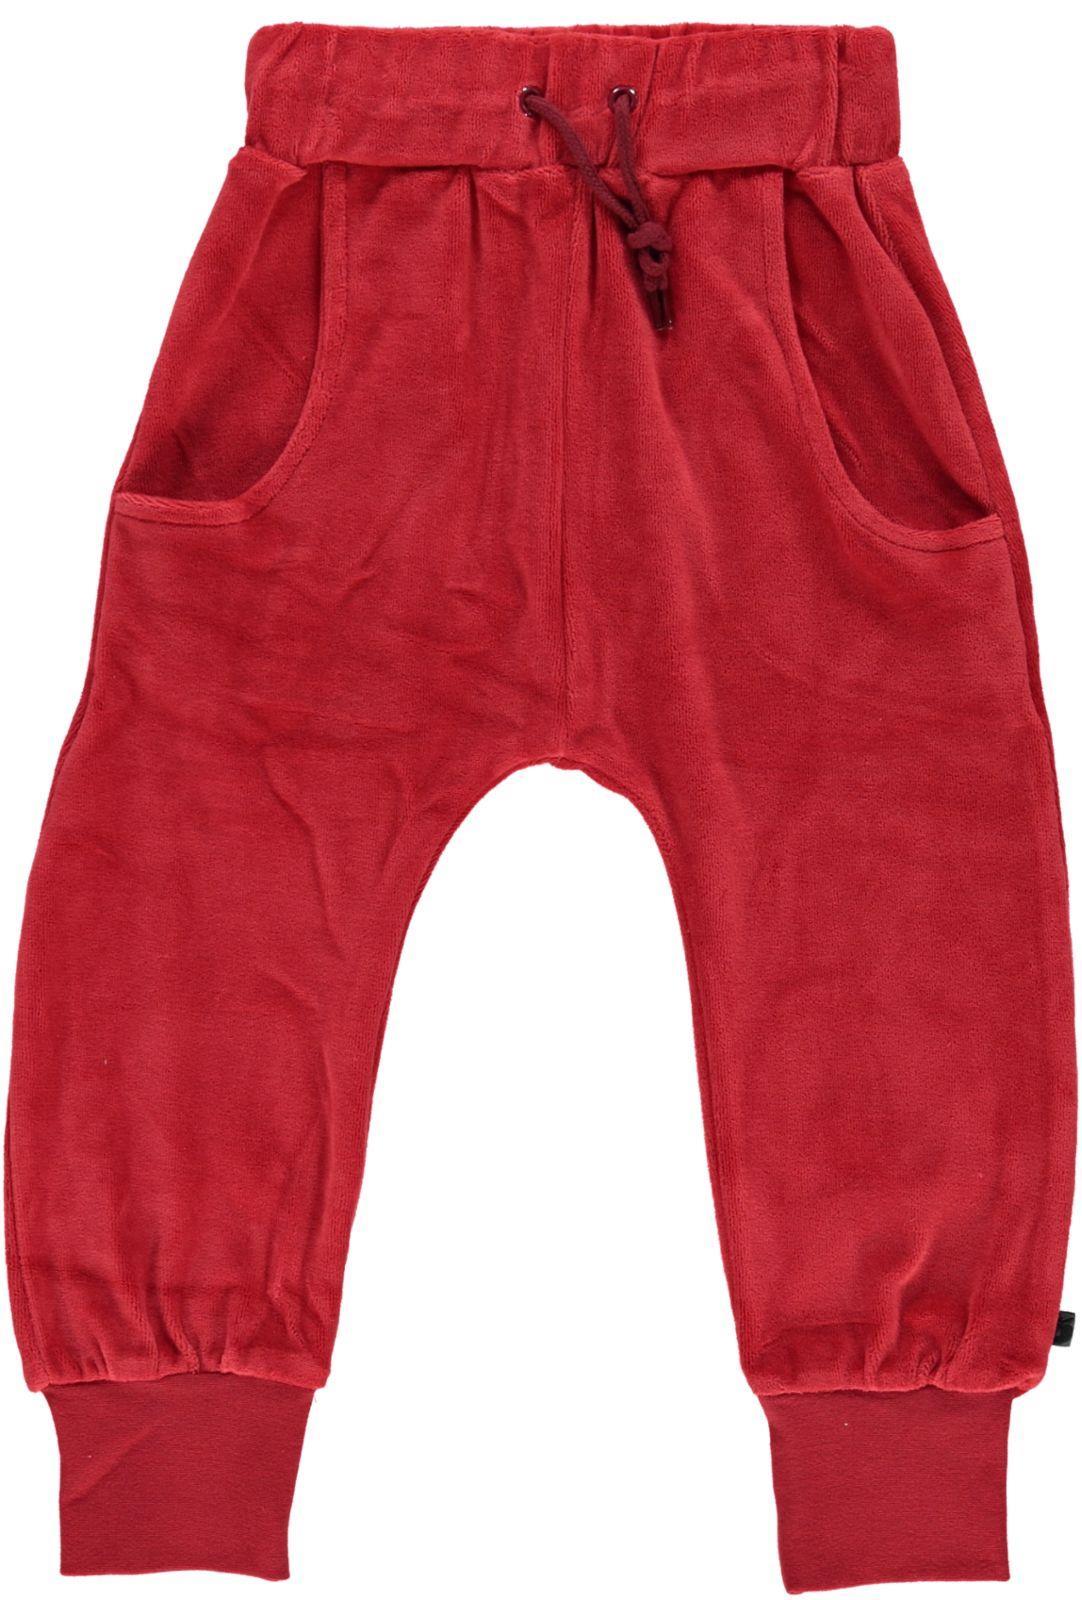 Småfolk - Velvet Pants - Dark Red